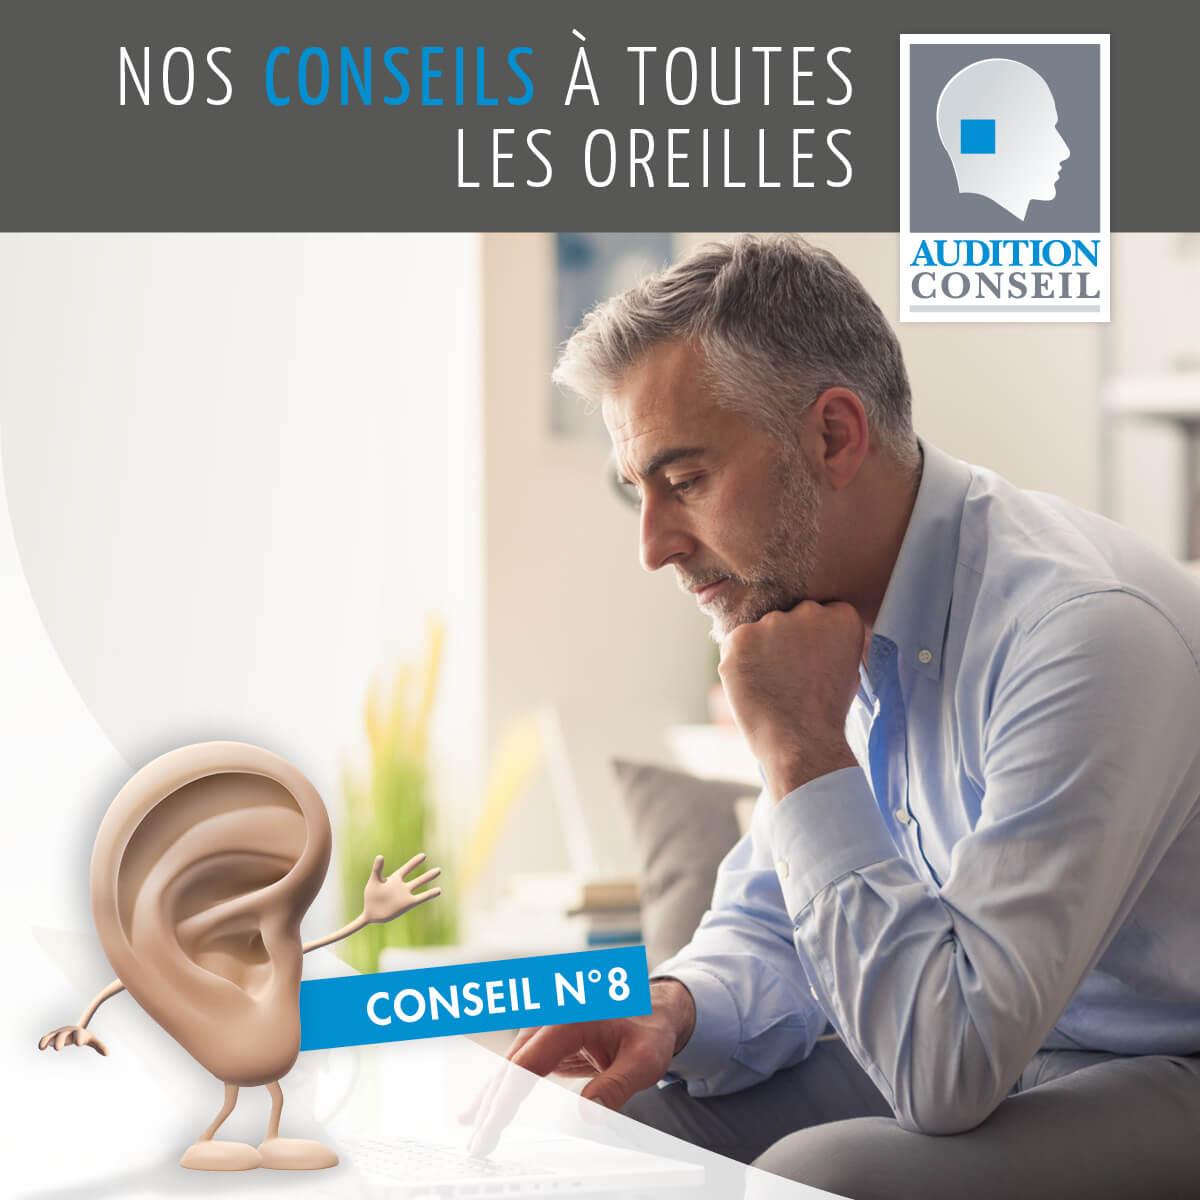 Conseils_a_toutes_les_oreilles_8